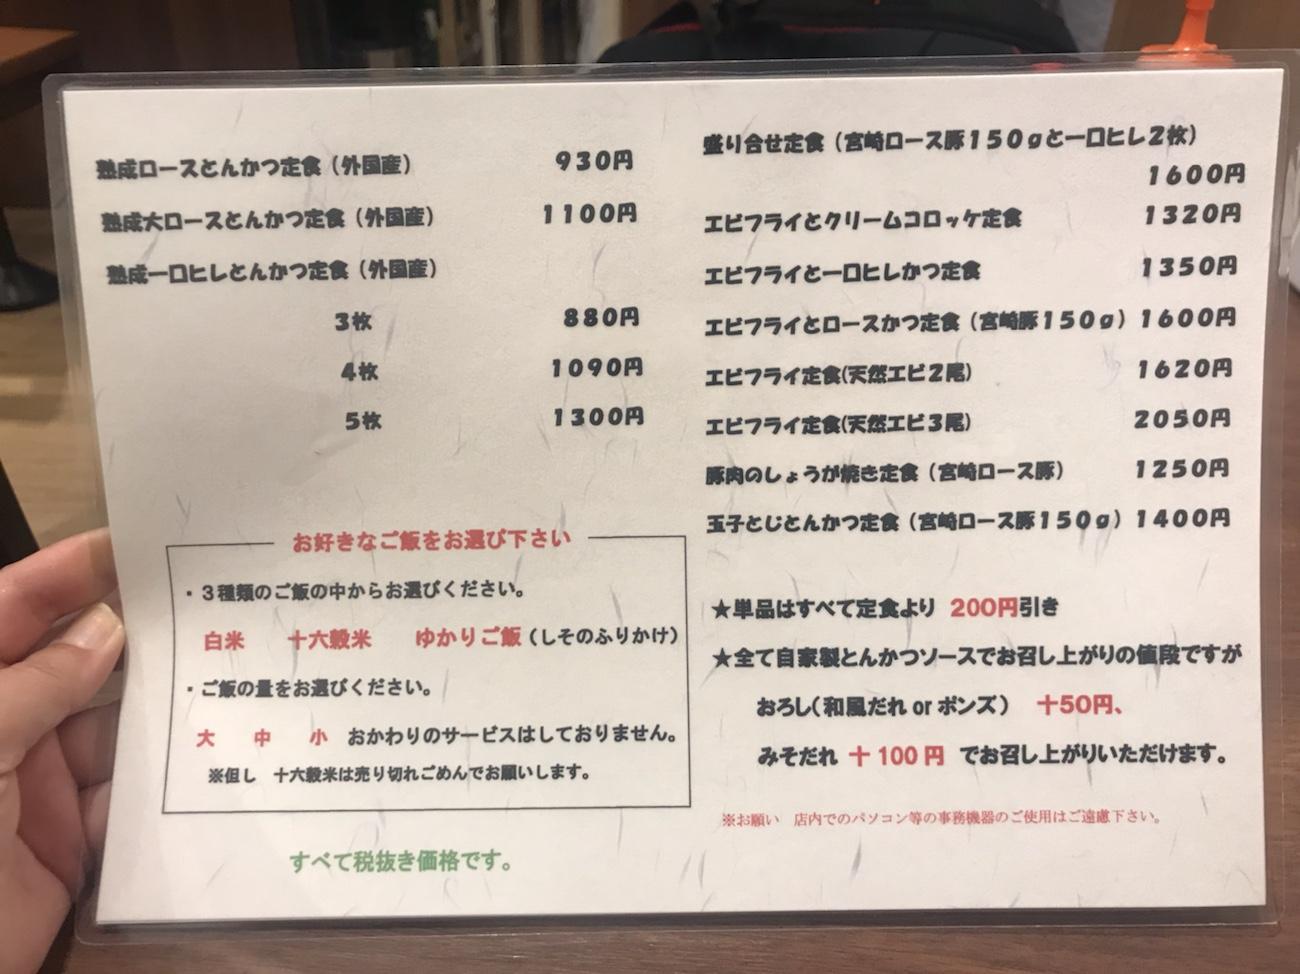 大阪とんかつメニュー 美味しい店 三谷京橋